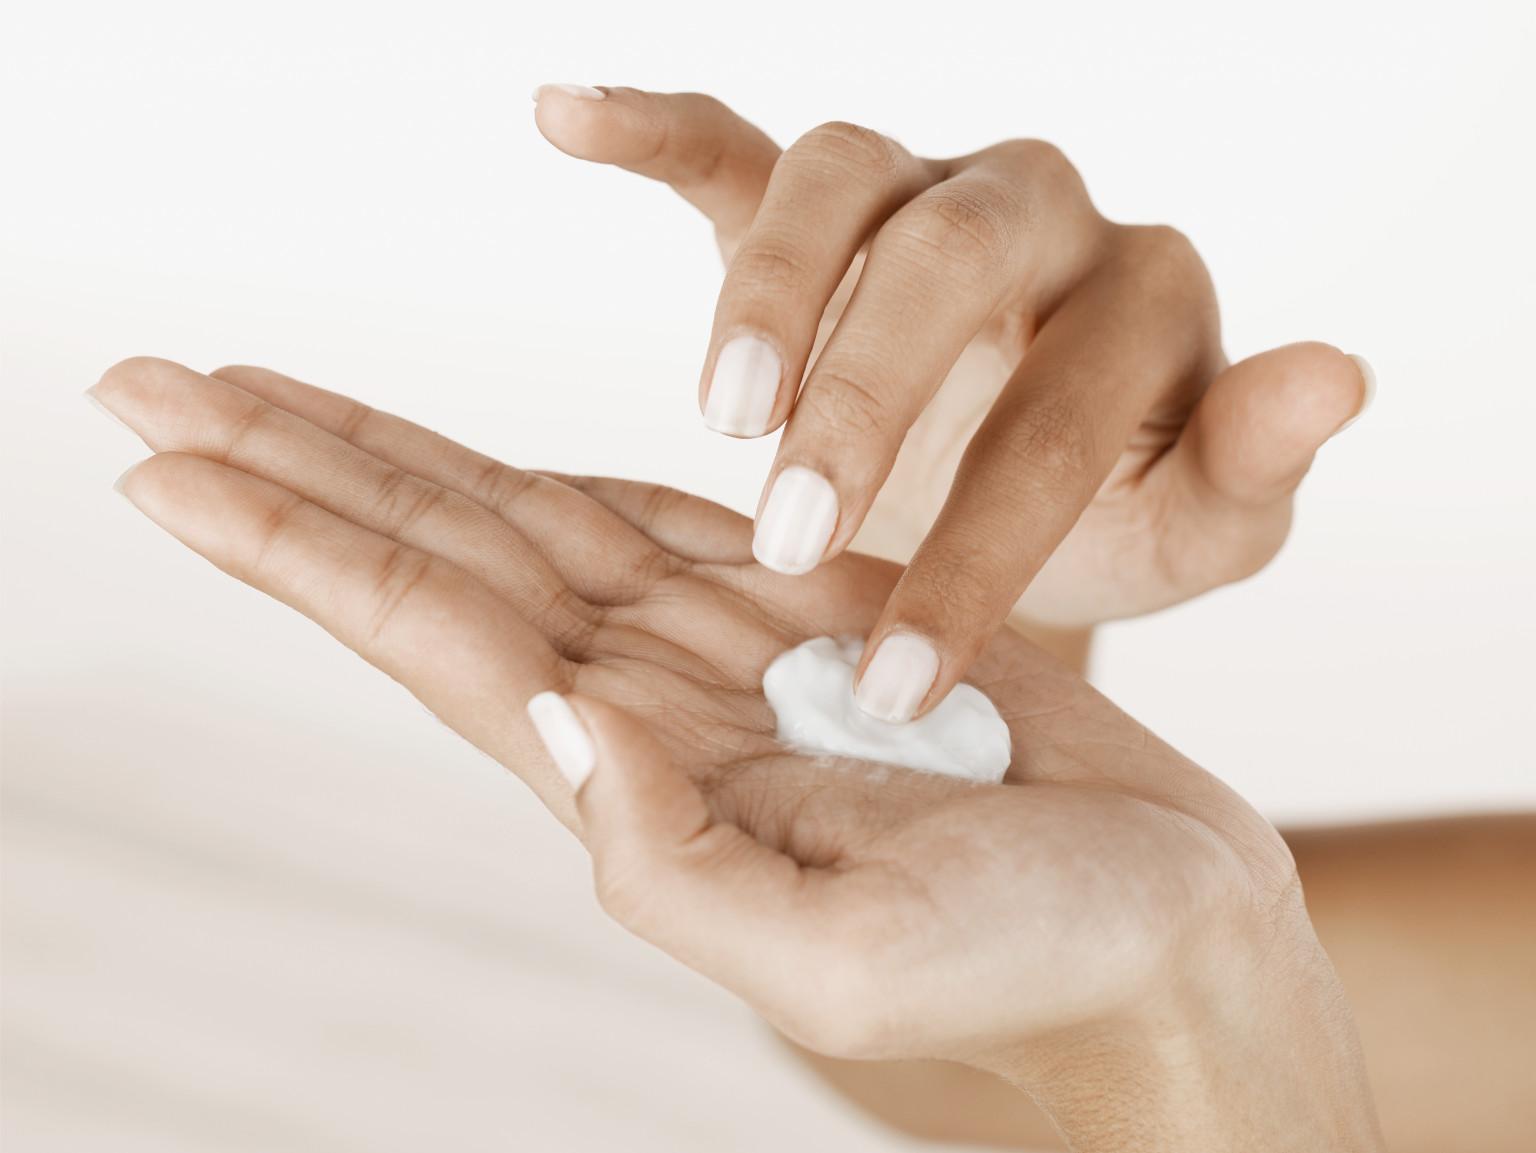 Mỹ phẩm chứa chất corticoid làm da bị bào mòn, dễ bị kích ứng